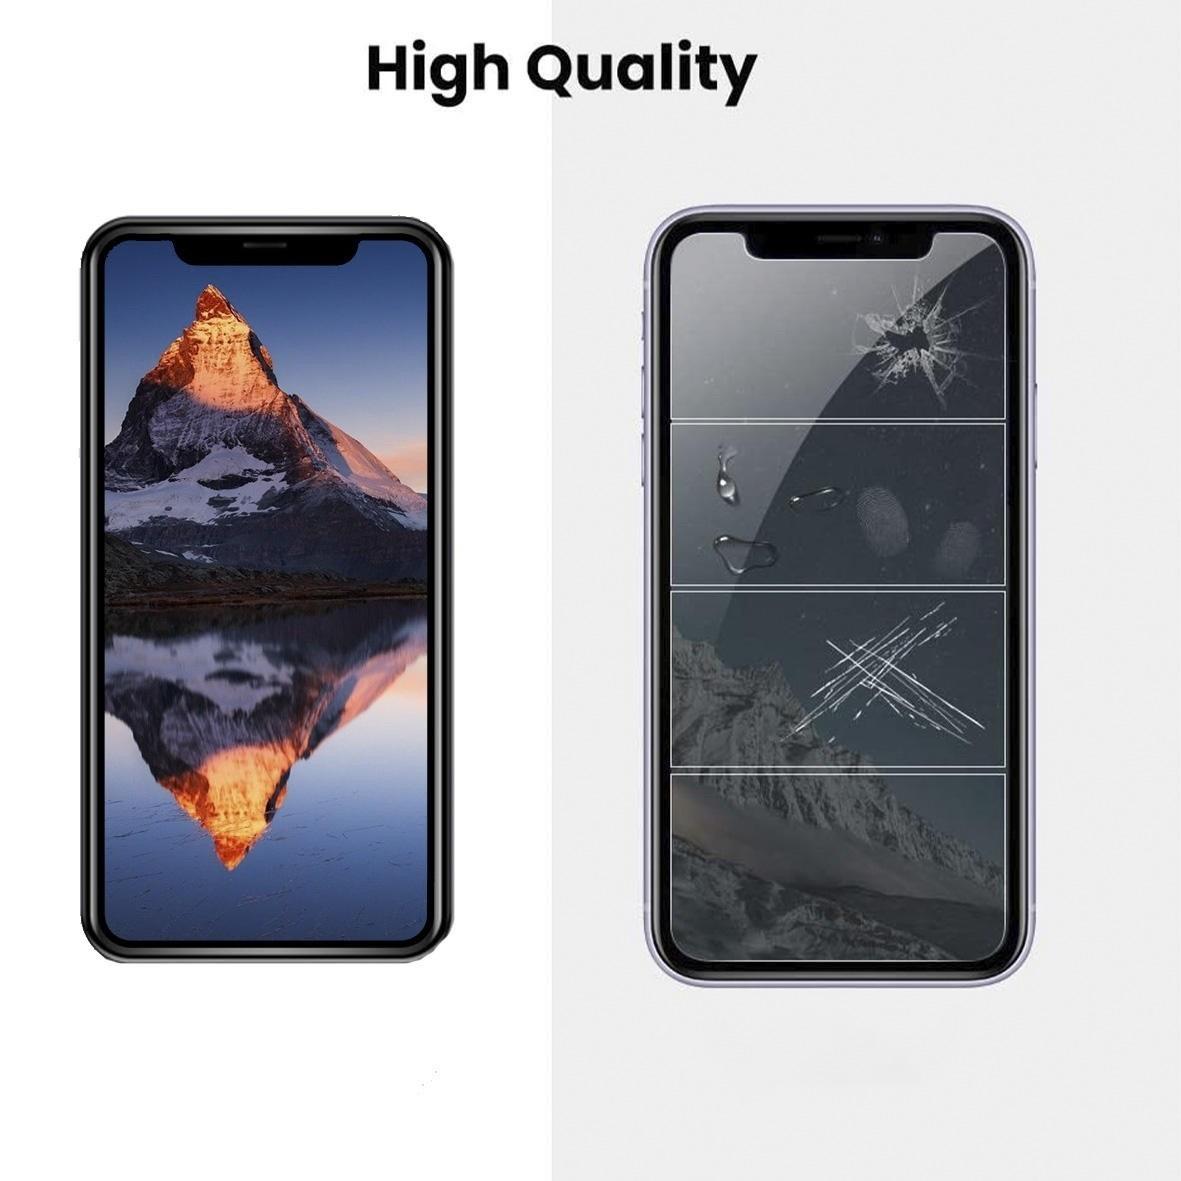 محافظ صفحه نمایش سرامیکی دلتا مدل Fit مناسب برای گوشی موبایل هوآوی Y6s